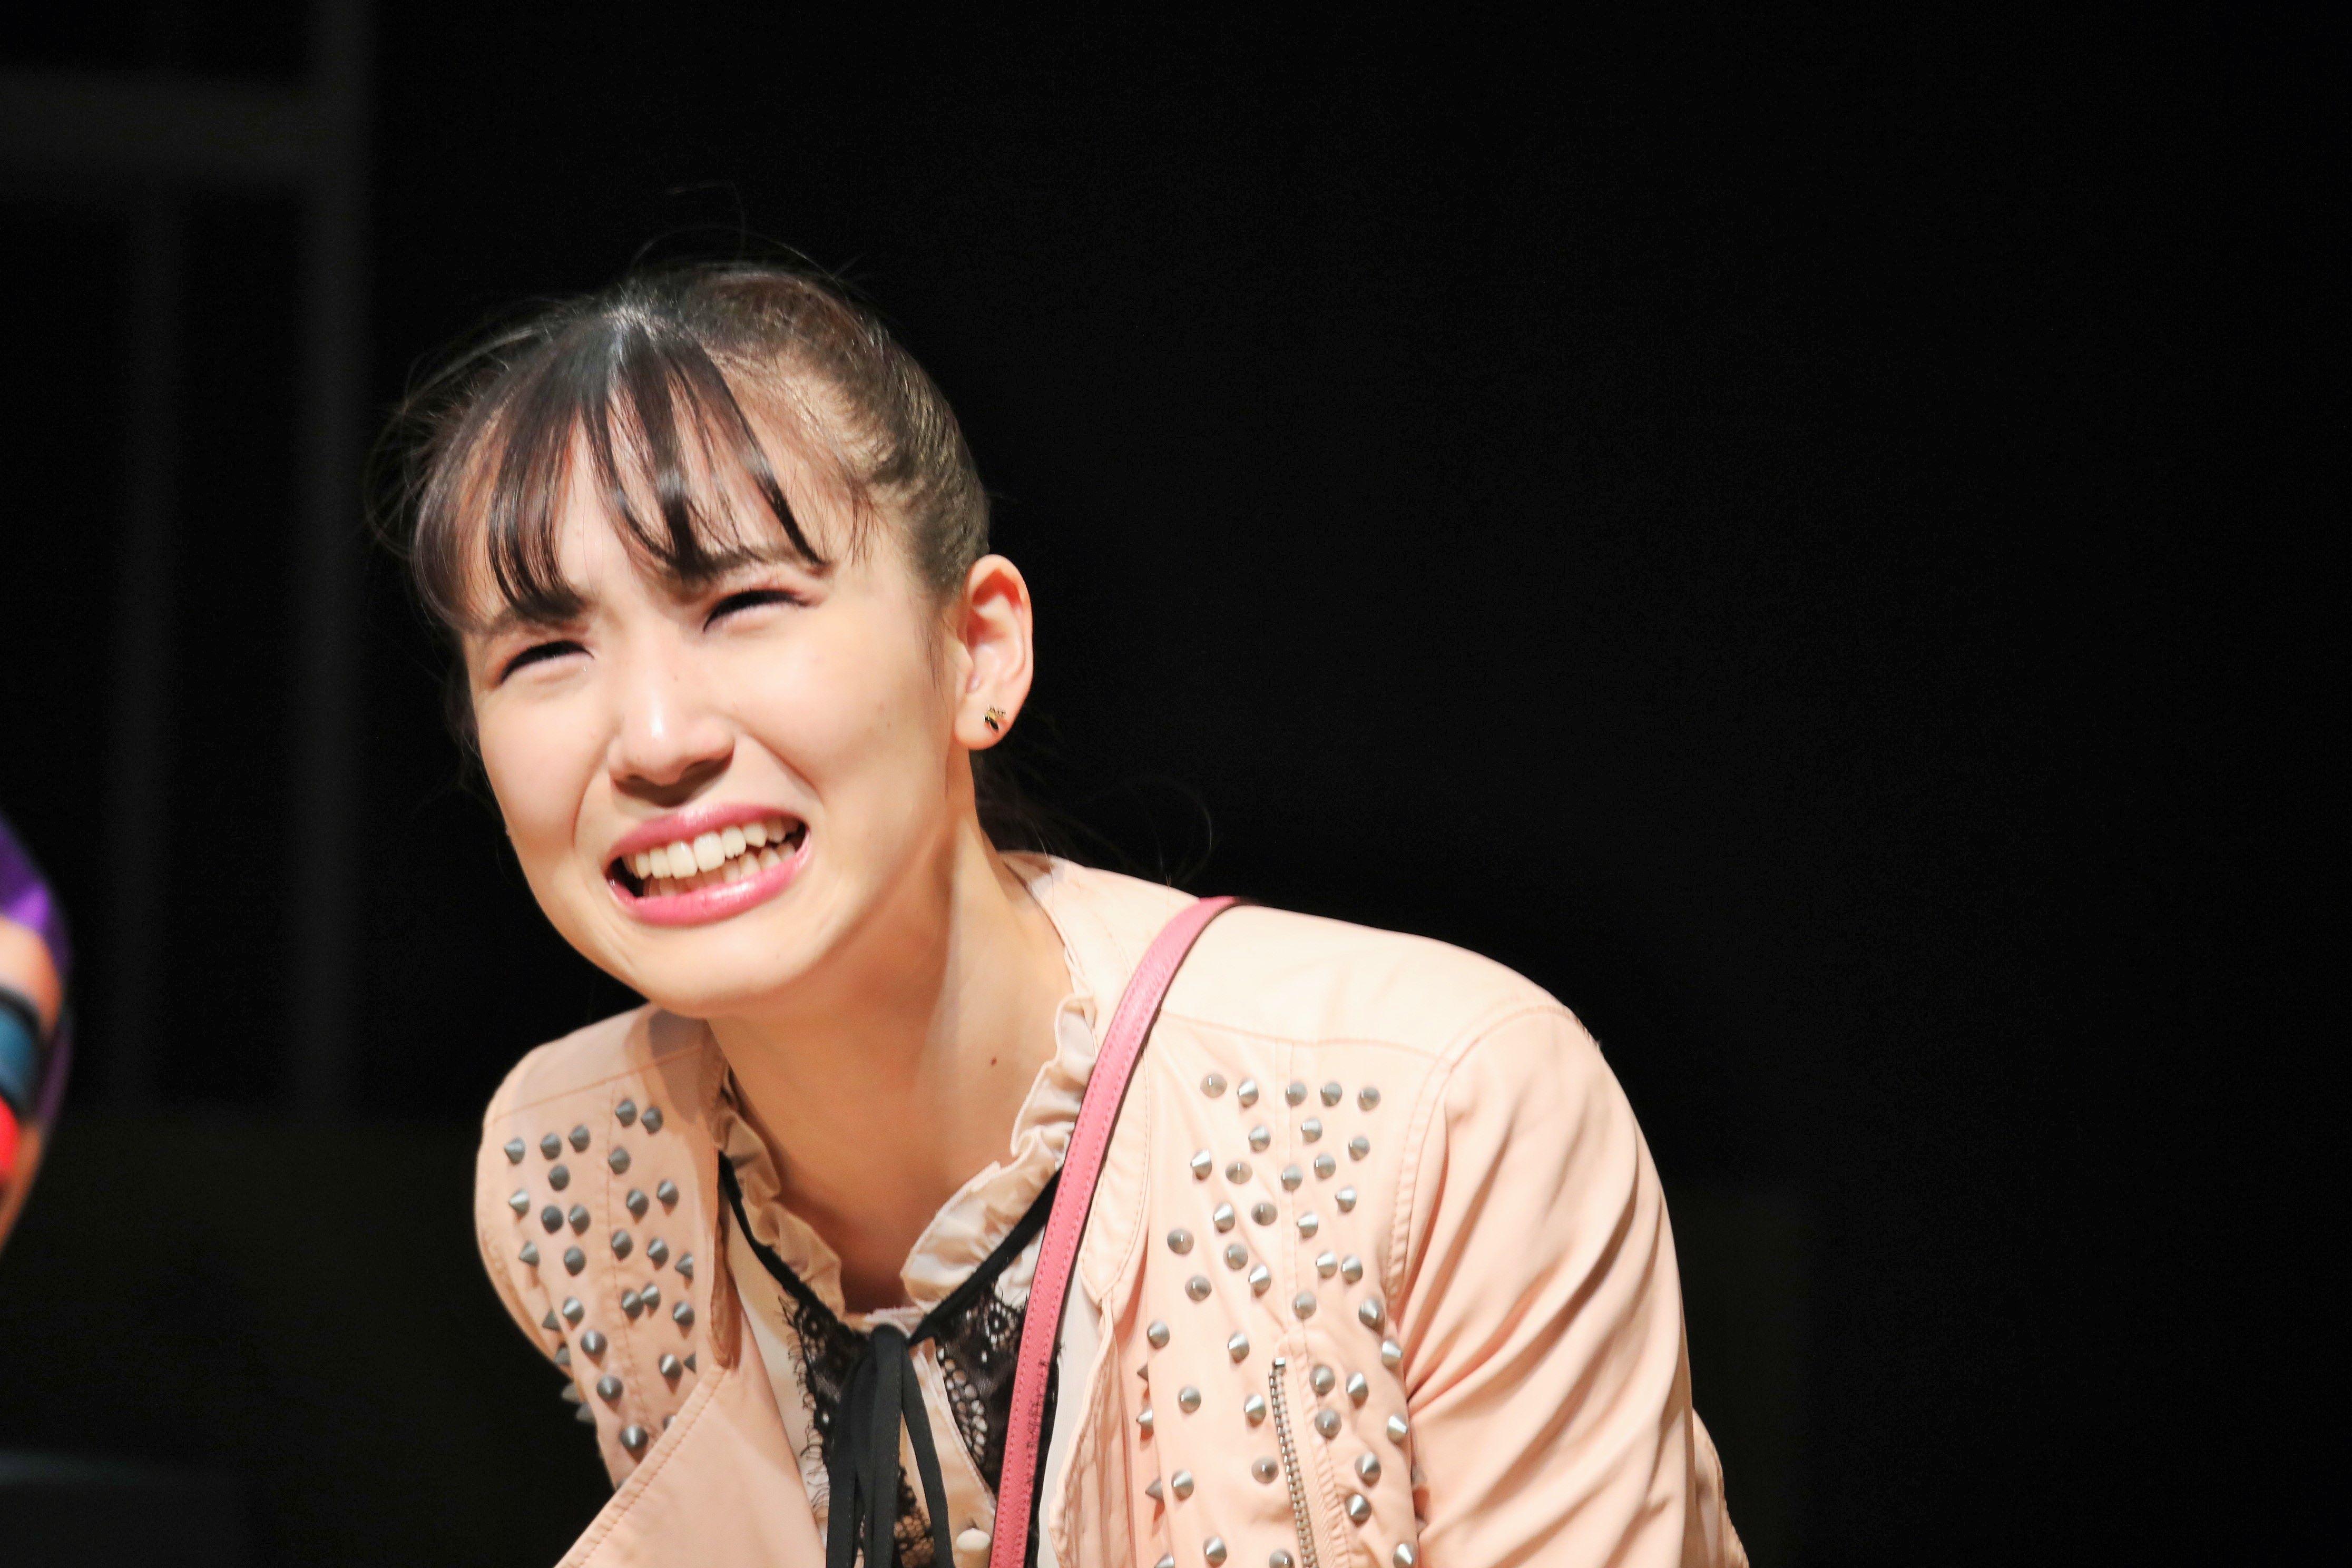 内野沙耶役を演じる下尾みう:画像の無断転載・アップロードは一切禁止。